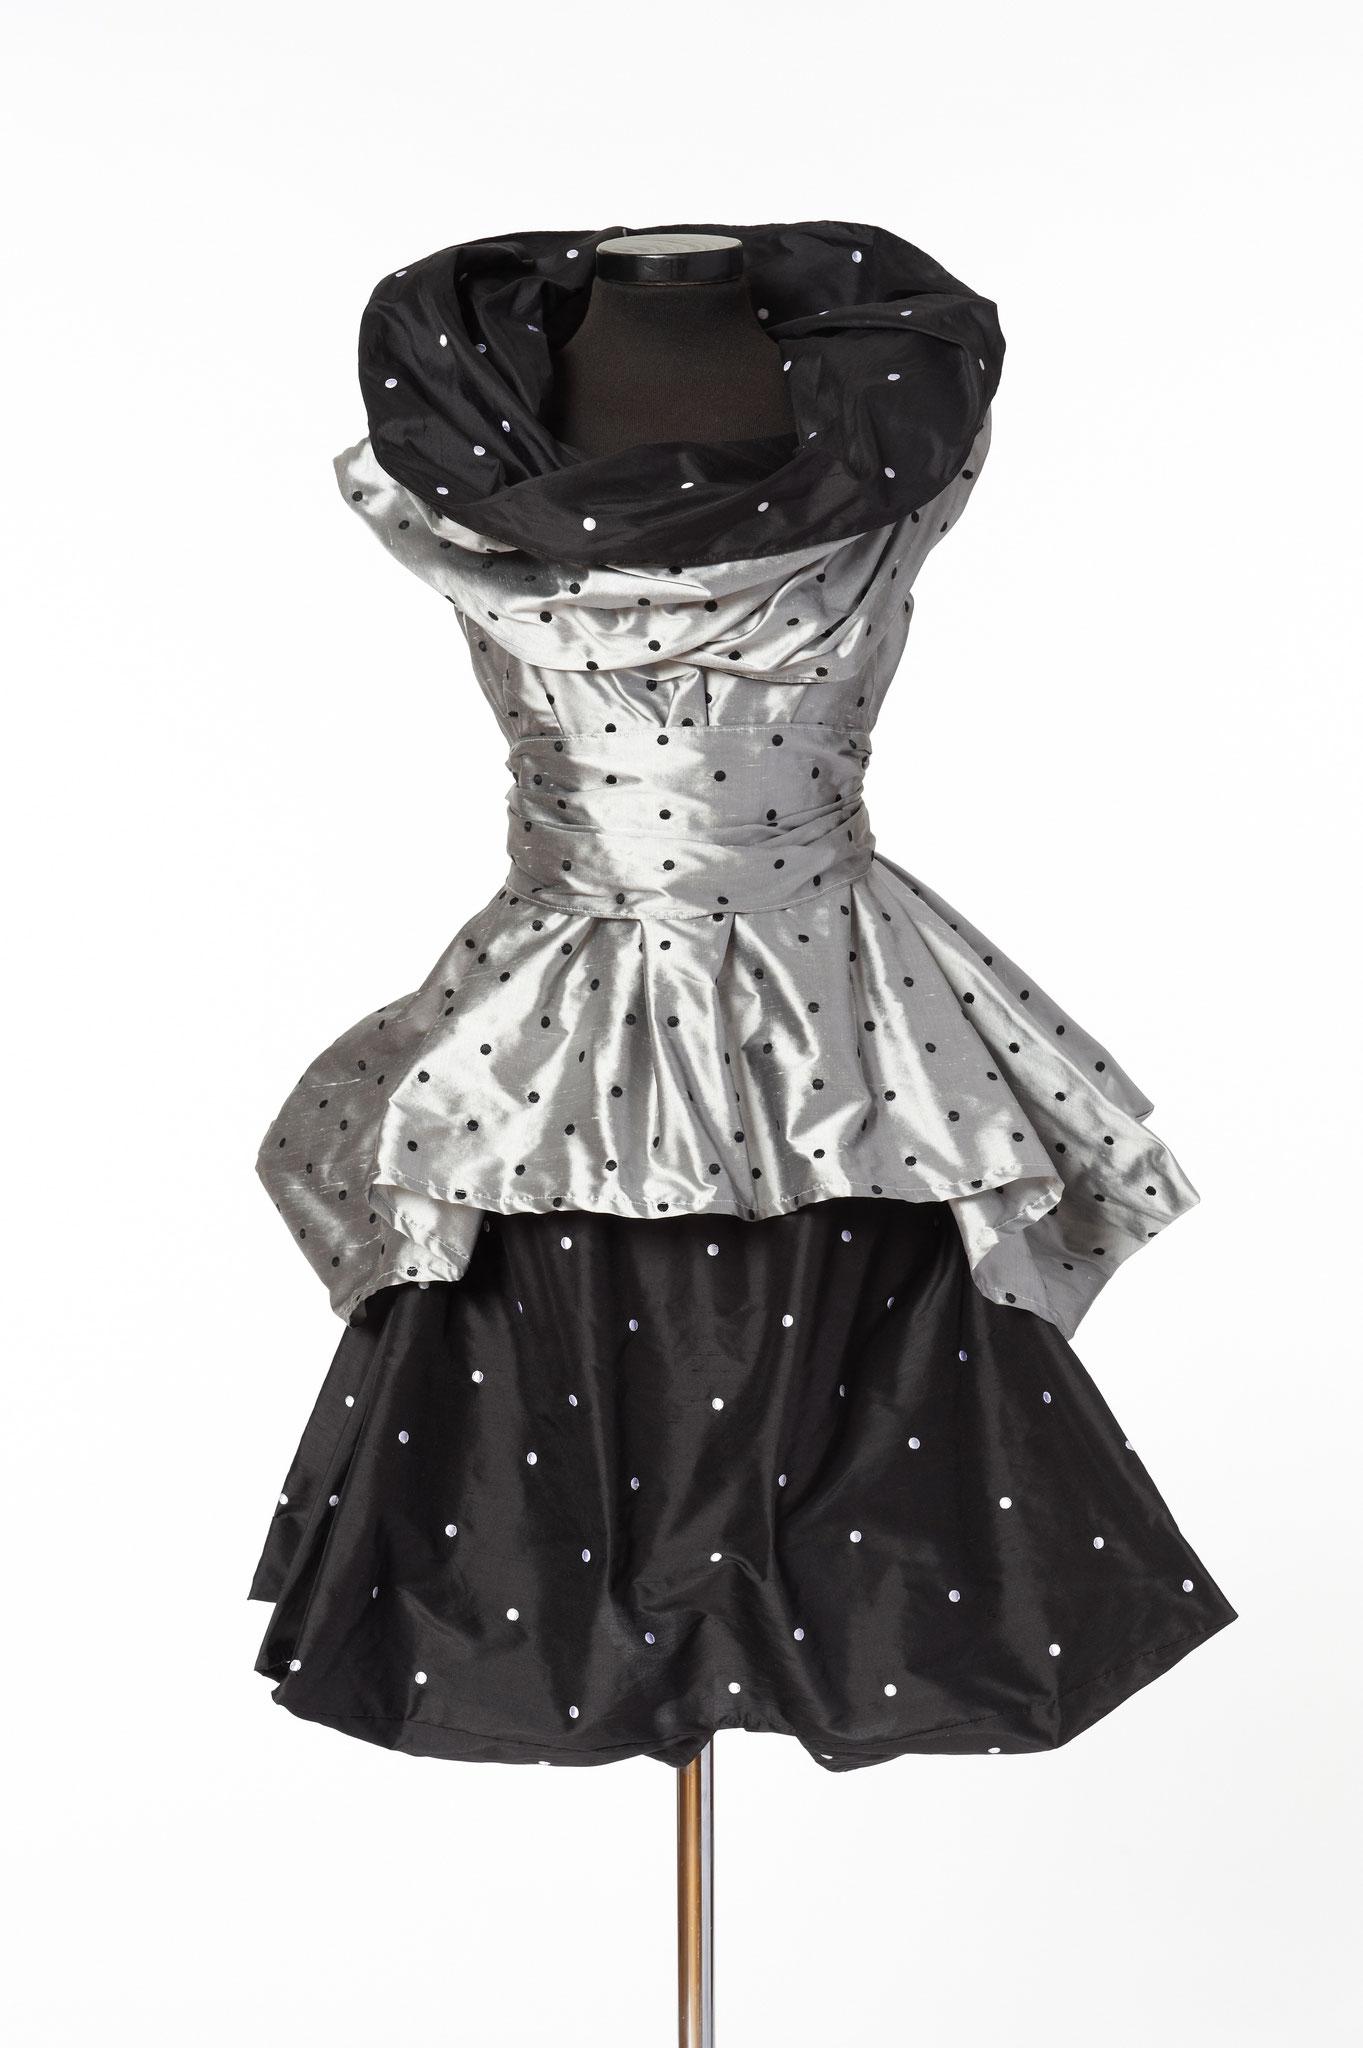 3-teiliges Outfit: Schal, Oberteil Rock. Material: Seide bestickt